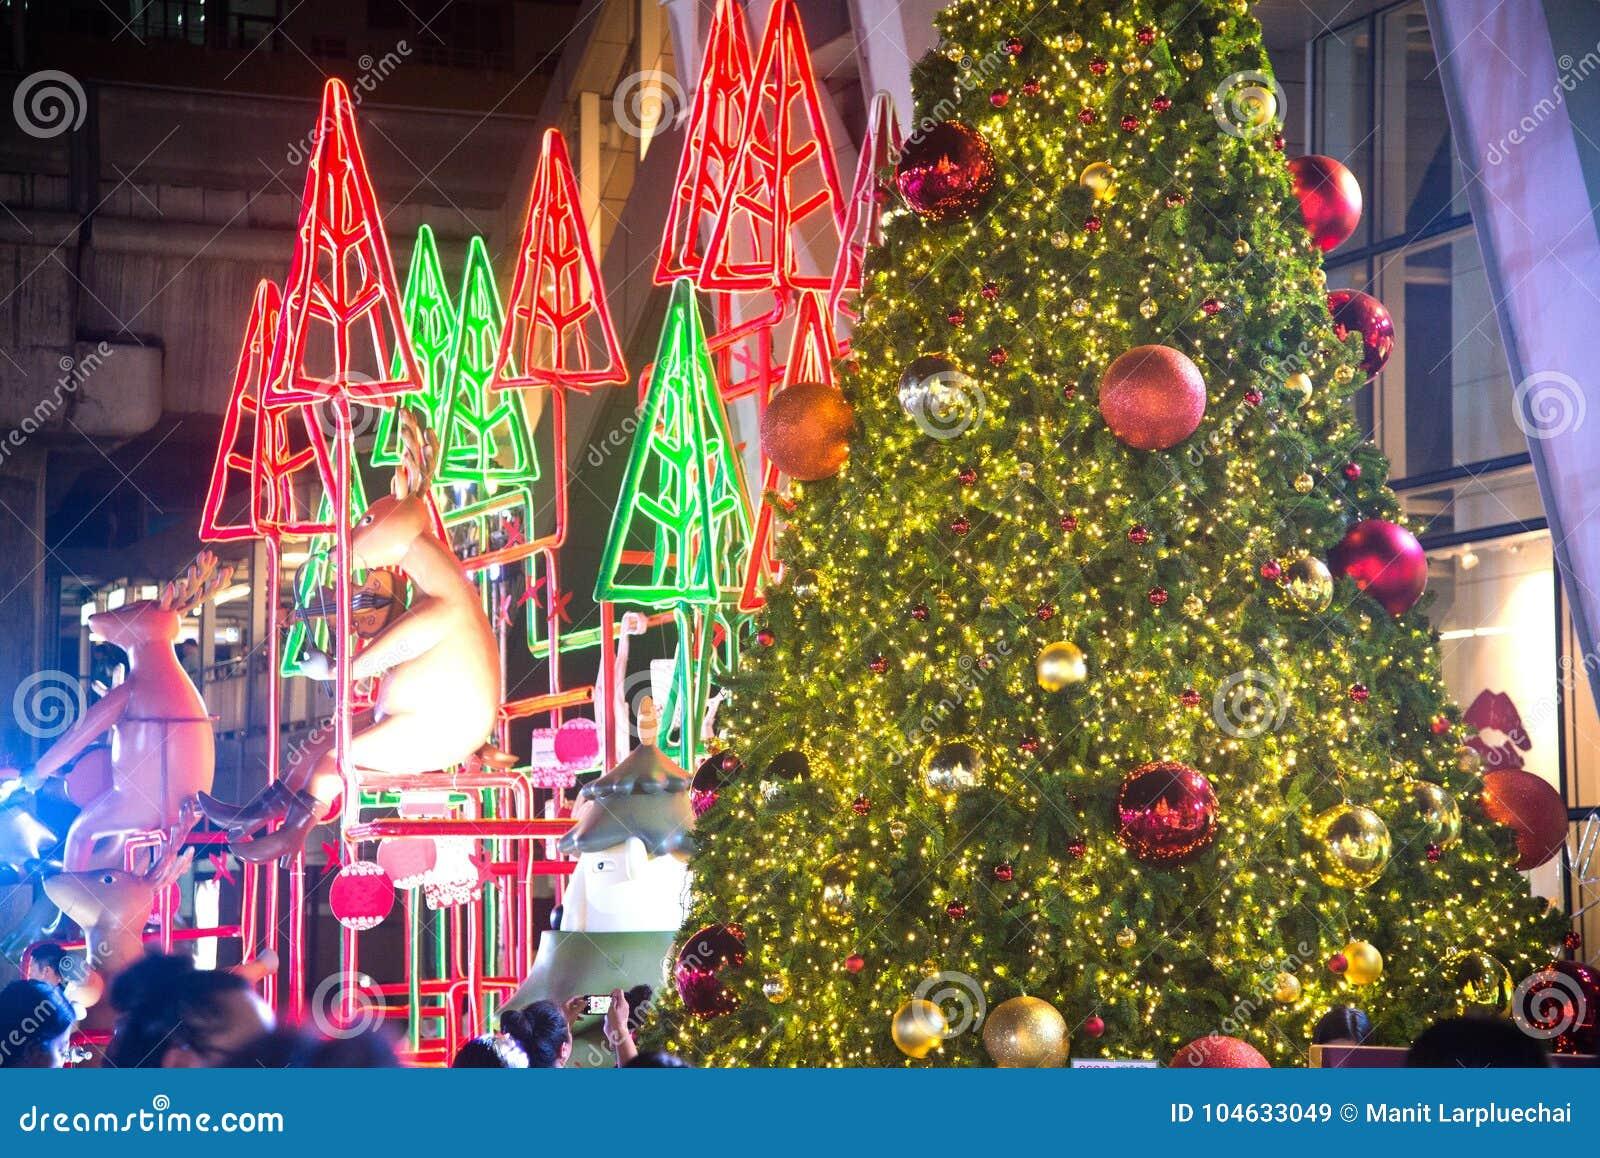 Download Kerstbomendecoratie Bij Kerstmis En Nieuwjaarviering Redactionele Stock Afbeelding - Afbeelding bestaande uit azië, decoratie: 104633049